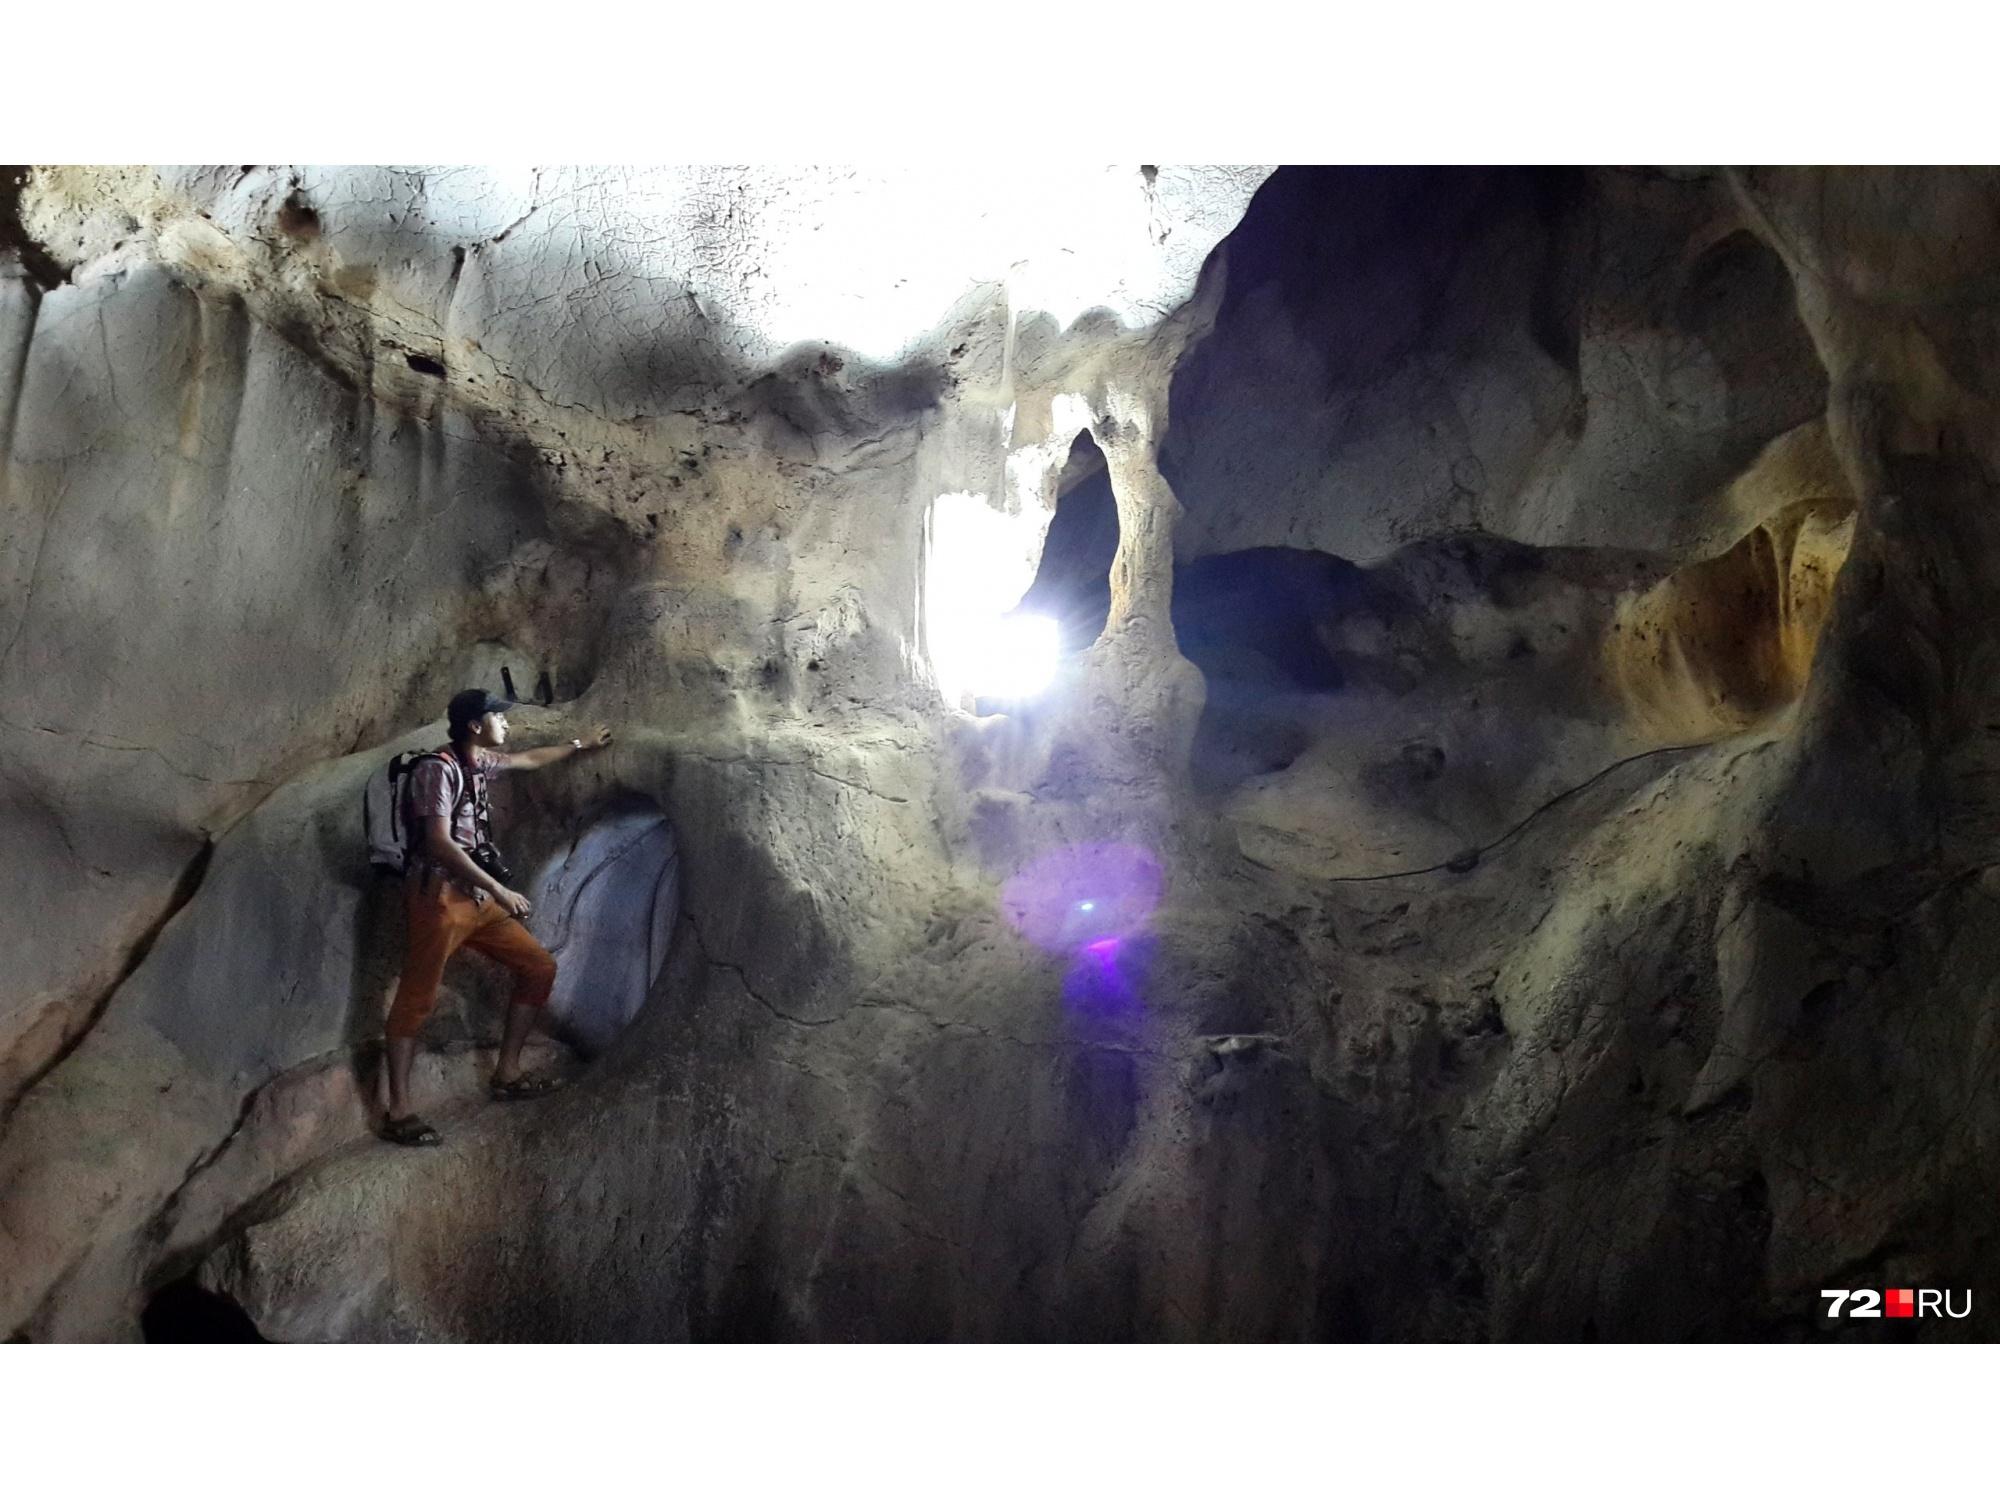 Вместо шумных и пьяных вечеринок до рассвета Денисовы бродили по пещерам и гуляли по природным заповедникам. Это тоже бесплатно